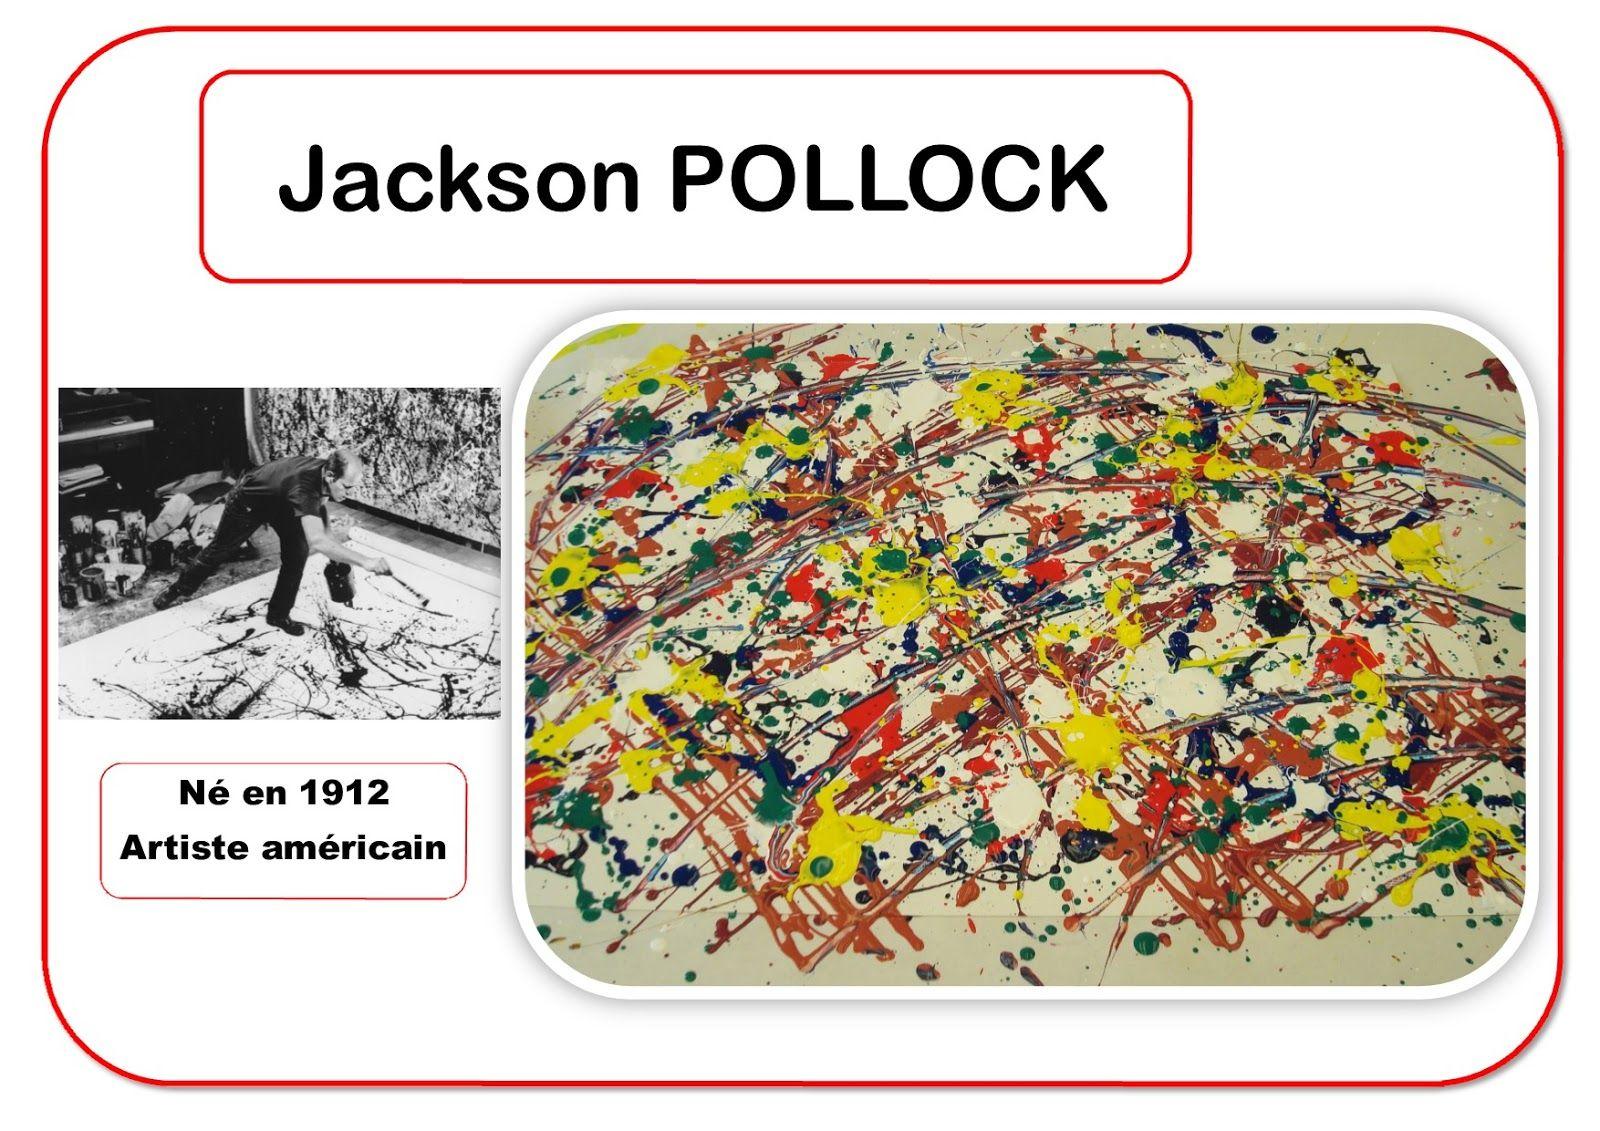 Fabulous Jackson Pollock - Portrait d'artiste | Ecole arts visuels  KS88